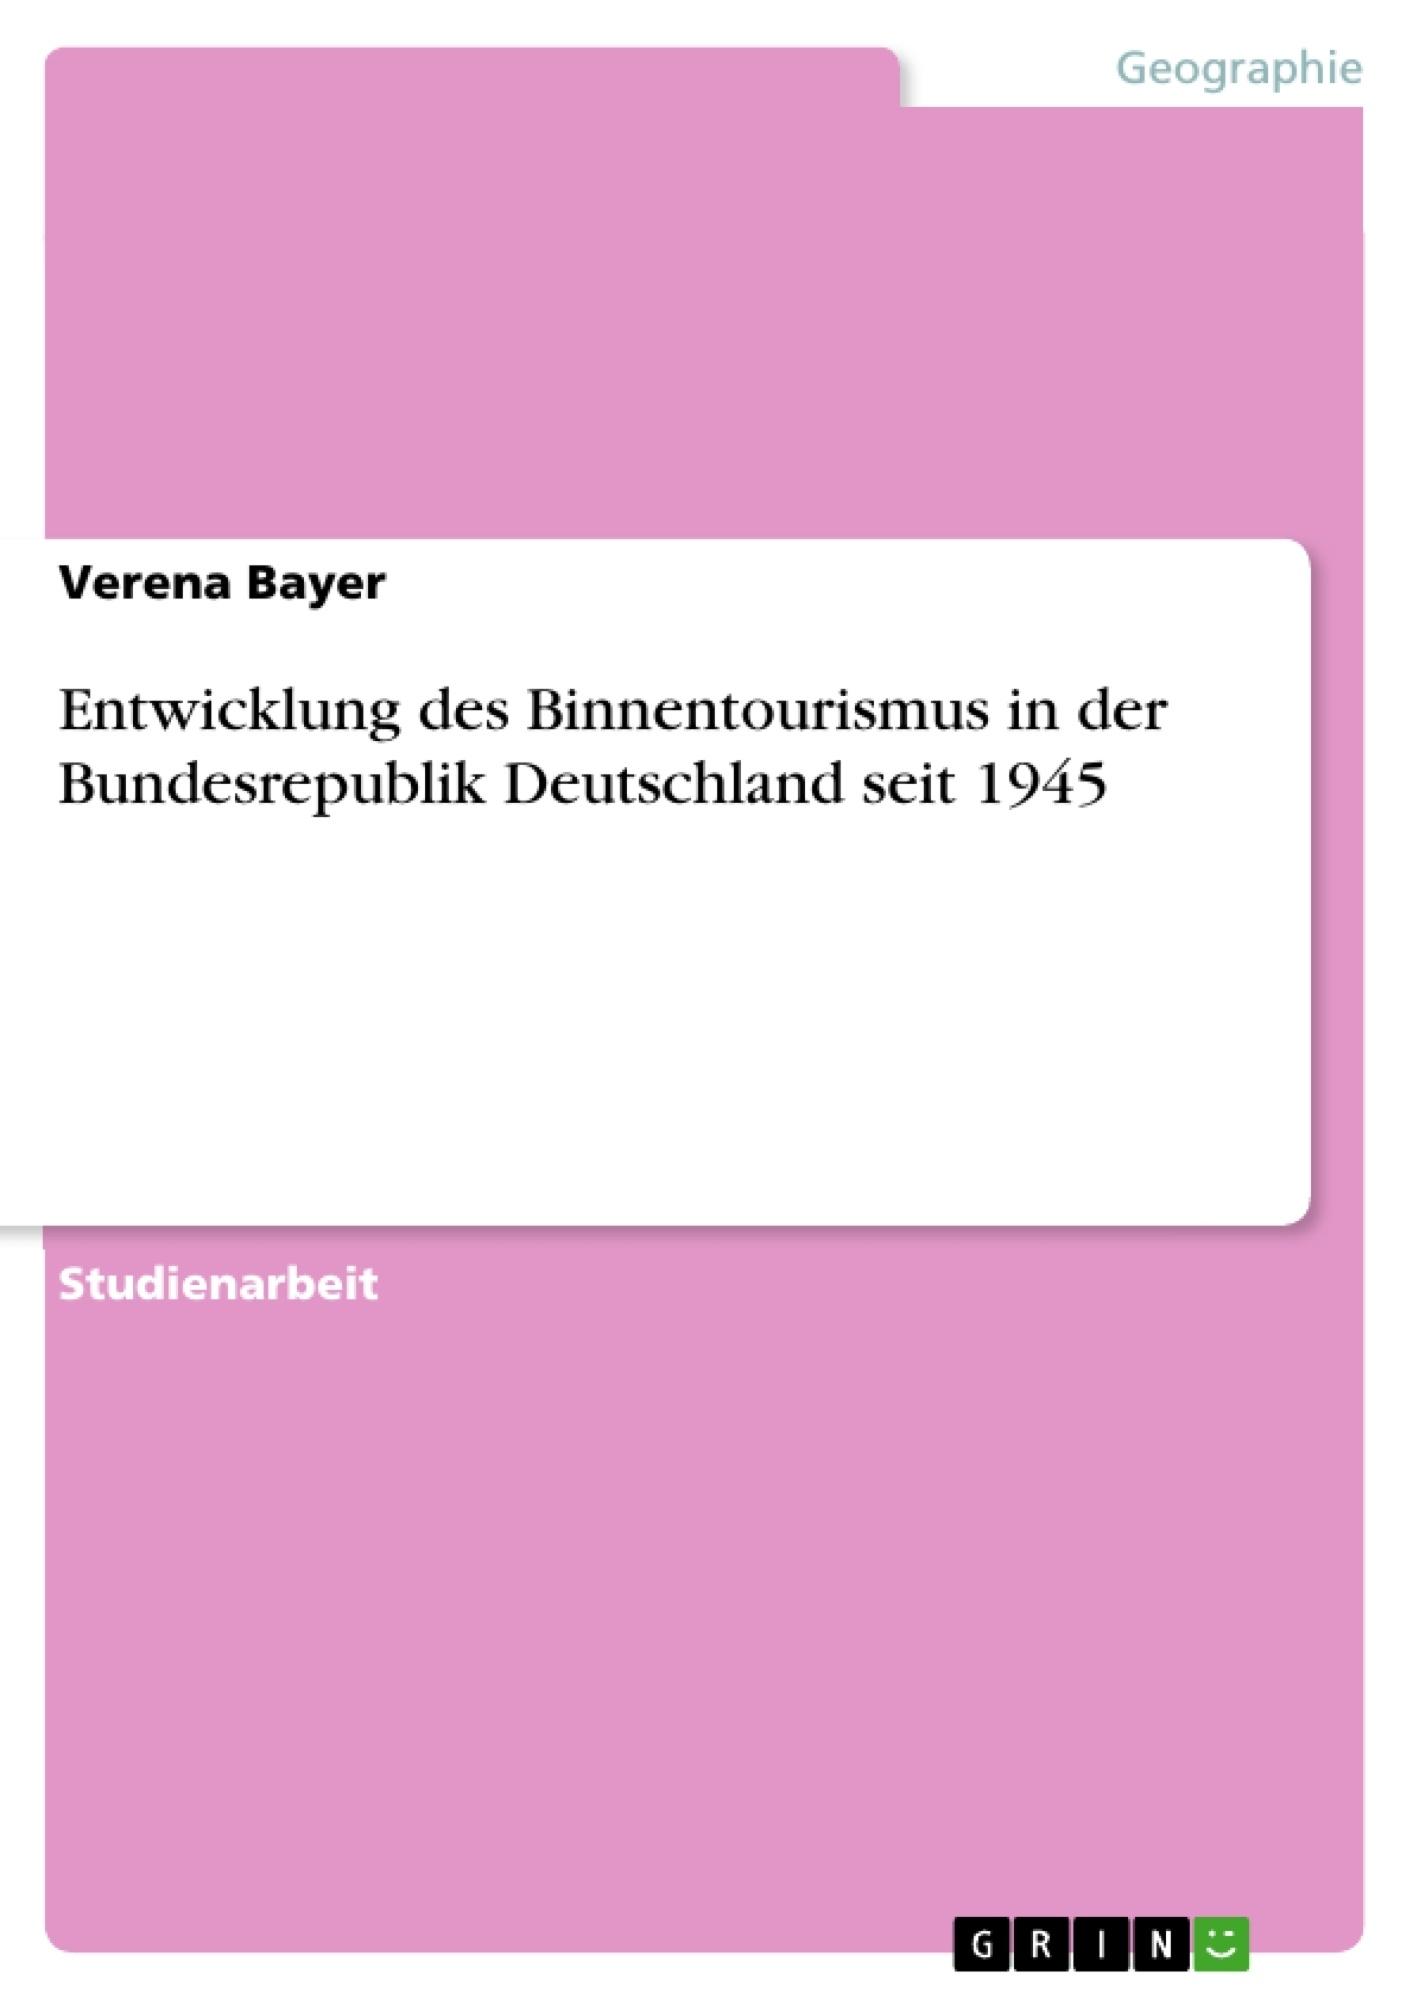 Titel: Entwicklung des Binnentourismus in der Bundesrepublik Deutschland seit 1945